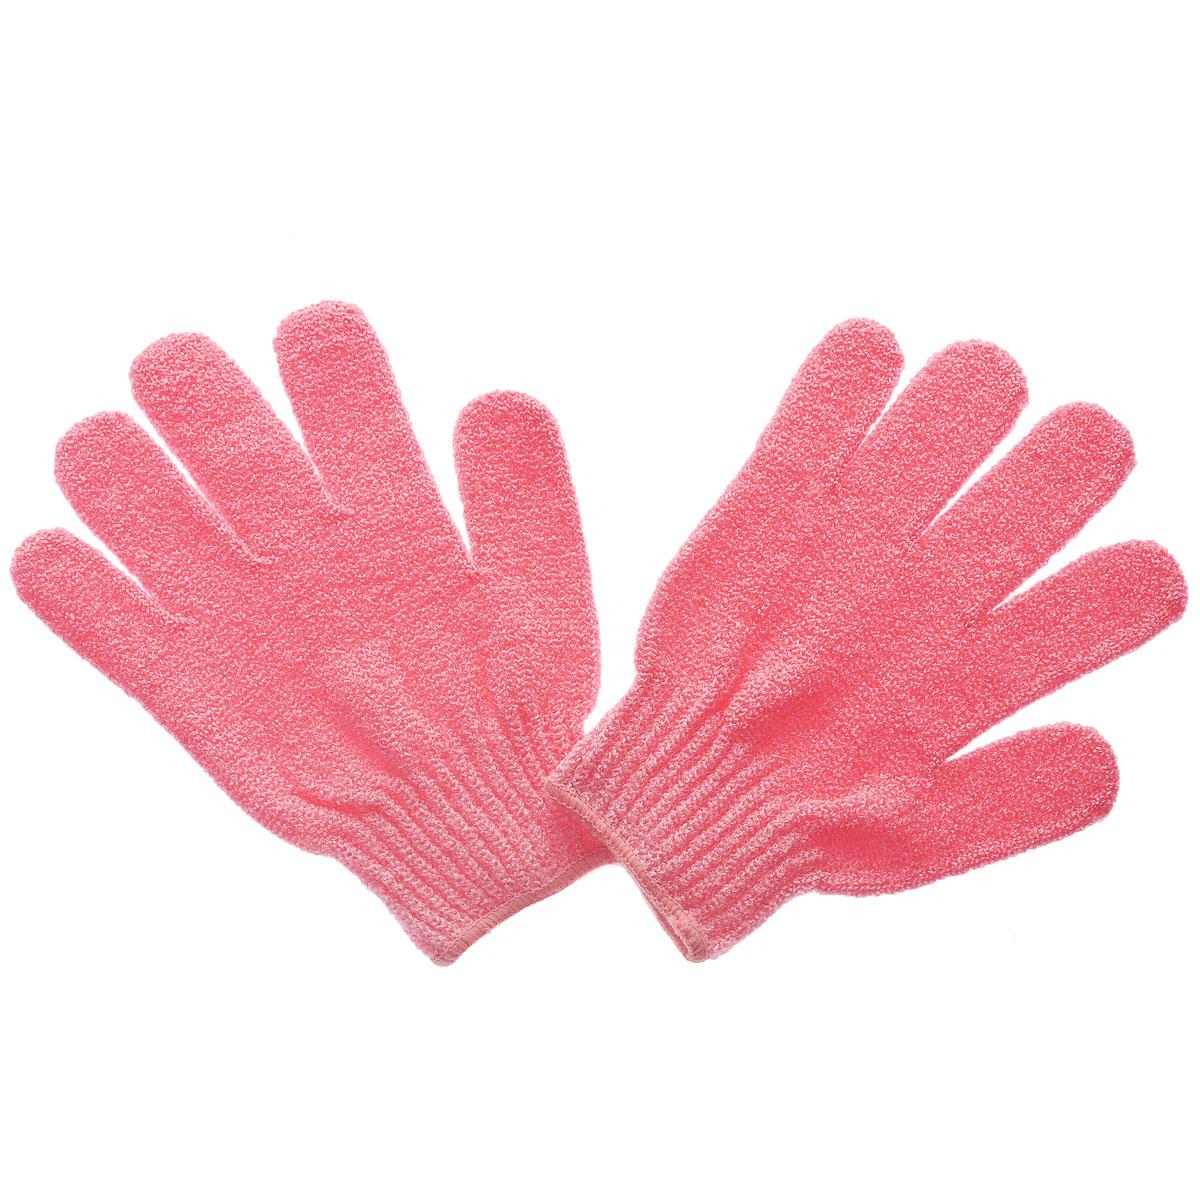 Riffi Перчатки для пилинга, цвет: коралловый615 коралловыйЭластичные безразмерные перчатки Riffi обладают активным антицеллюлитным эффектом и отличным пилинговым действием, тонизируя, массируя и эффективно очищая вашу кожу. Riffi освобождает кожу от отмерших клеток, стимулирует регенерацию. Эффективно предупреждают образование целлюлита и обеспечивают омолаживающий эффект. Кожа становится гладкой, упругой и лучше готовой к принятию косметических средств. Интенсивный и пощипывающе свежий массаж тела с применением Riffi стимулирует кровообращение, активирует кровоснабжение, способствует обмену веществ. В комплекте 1 пара перчаток.